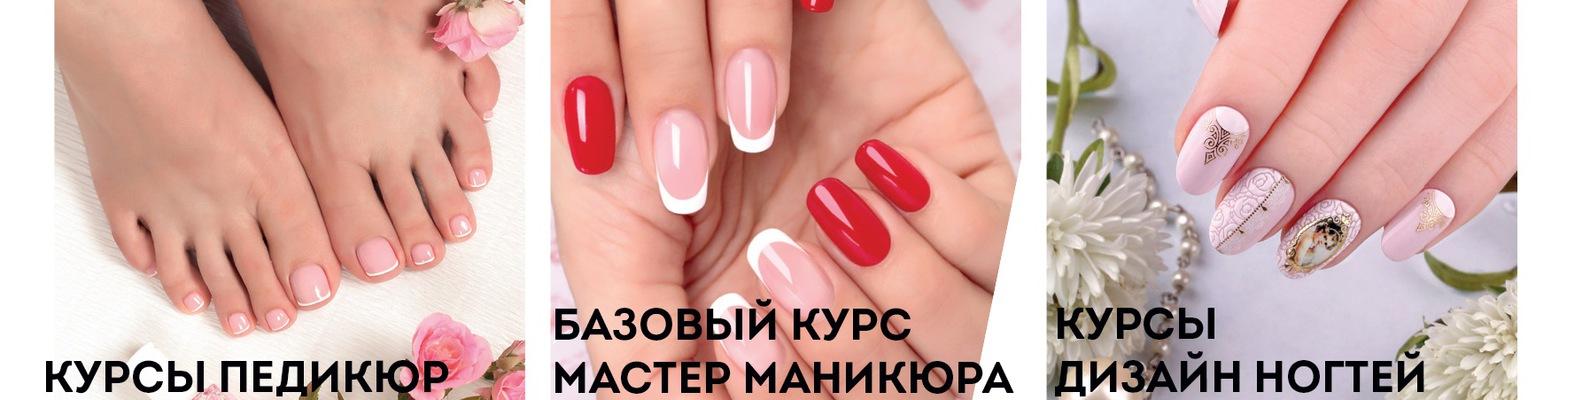 Мирошниченко курсы маникюра